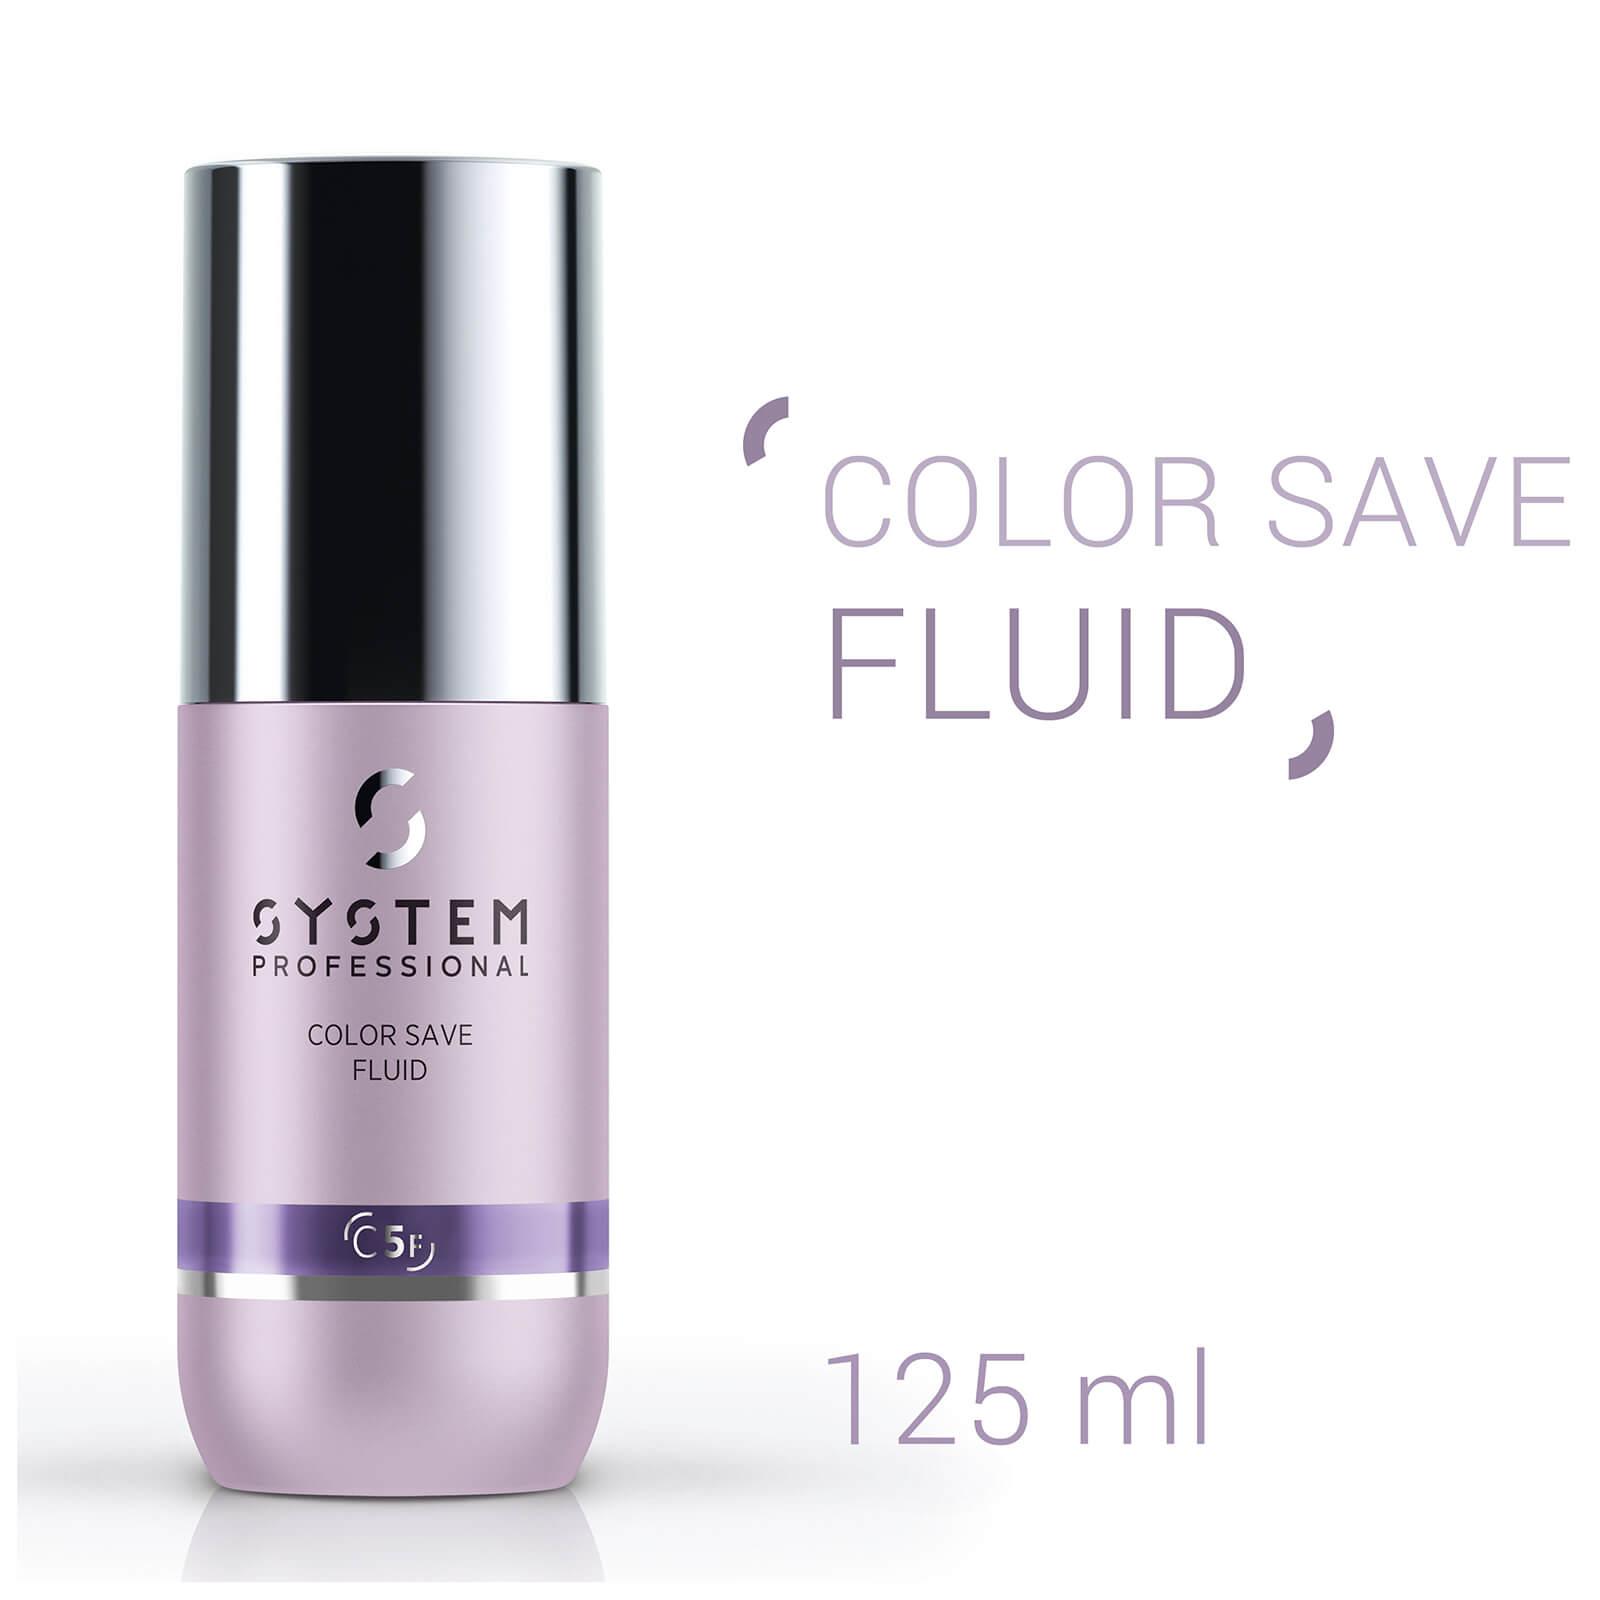 System Professional Réhausseur de brillance pour cheveux colorés Color Save Fluid System Professional 125 ml